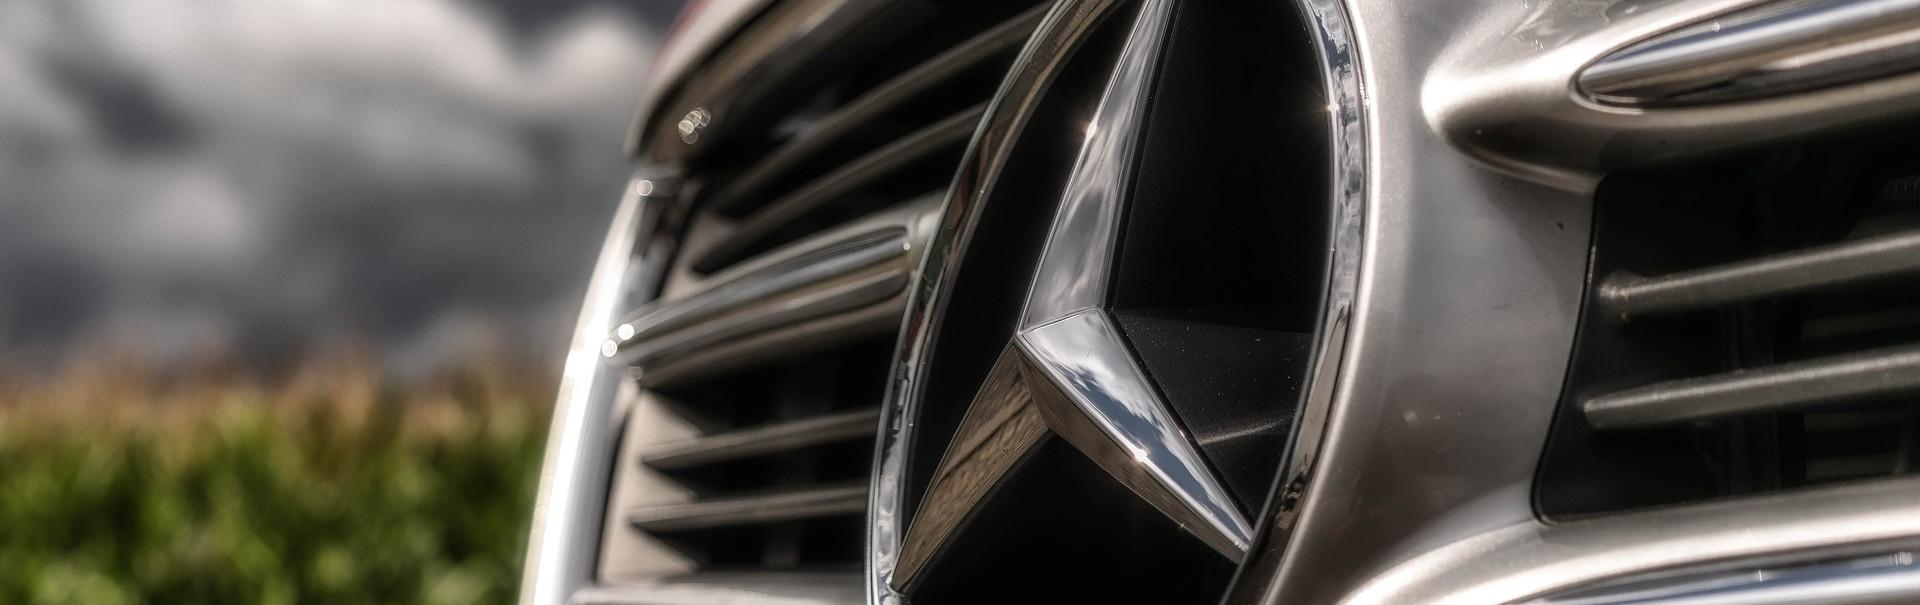 BGH-Urteil setzt Daimler AG im Abgasskandal unter Druck